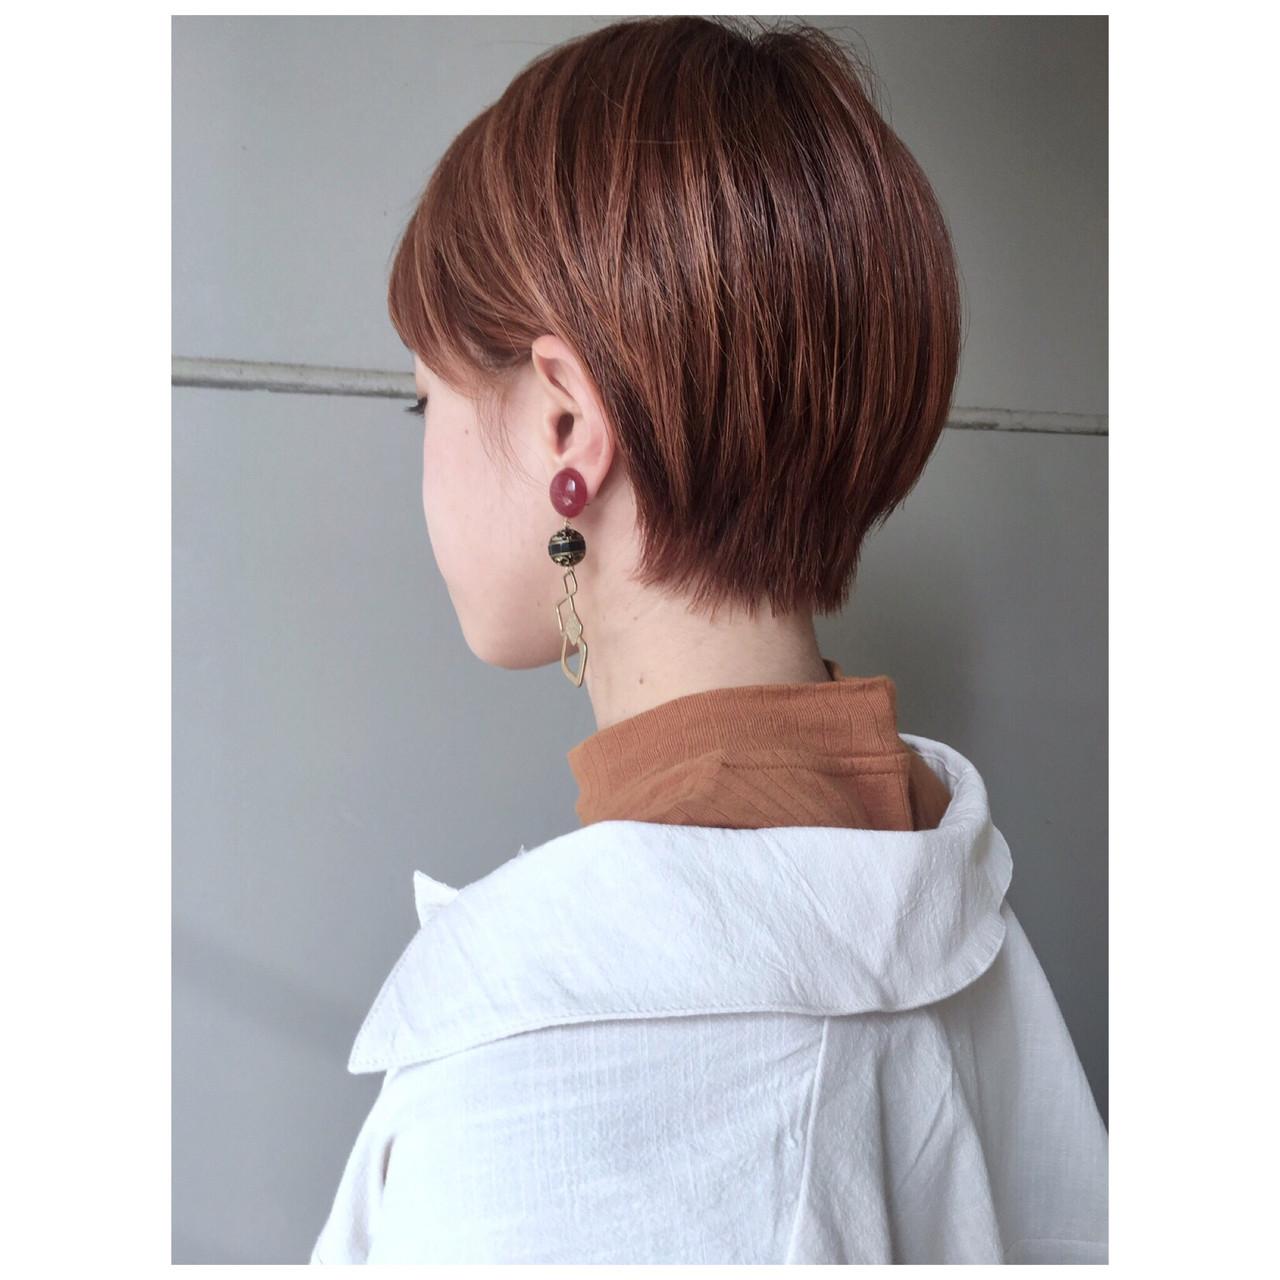 ミニボブ ナチュラル ショートヘア オレンジ ヘアスタイルや髪型の写真・画像